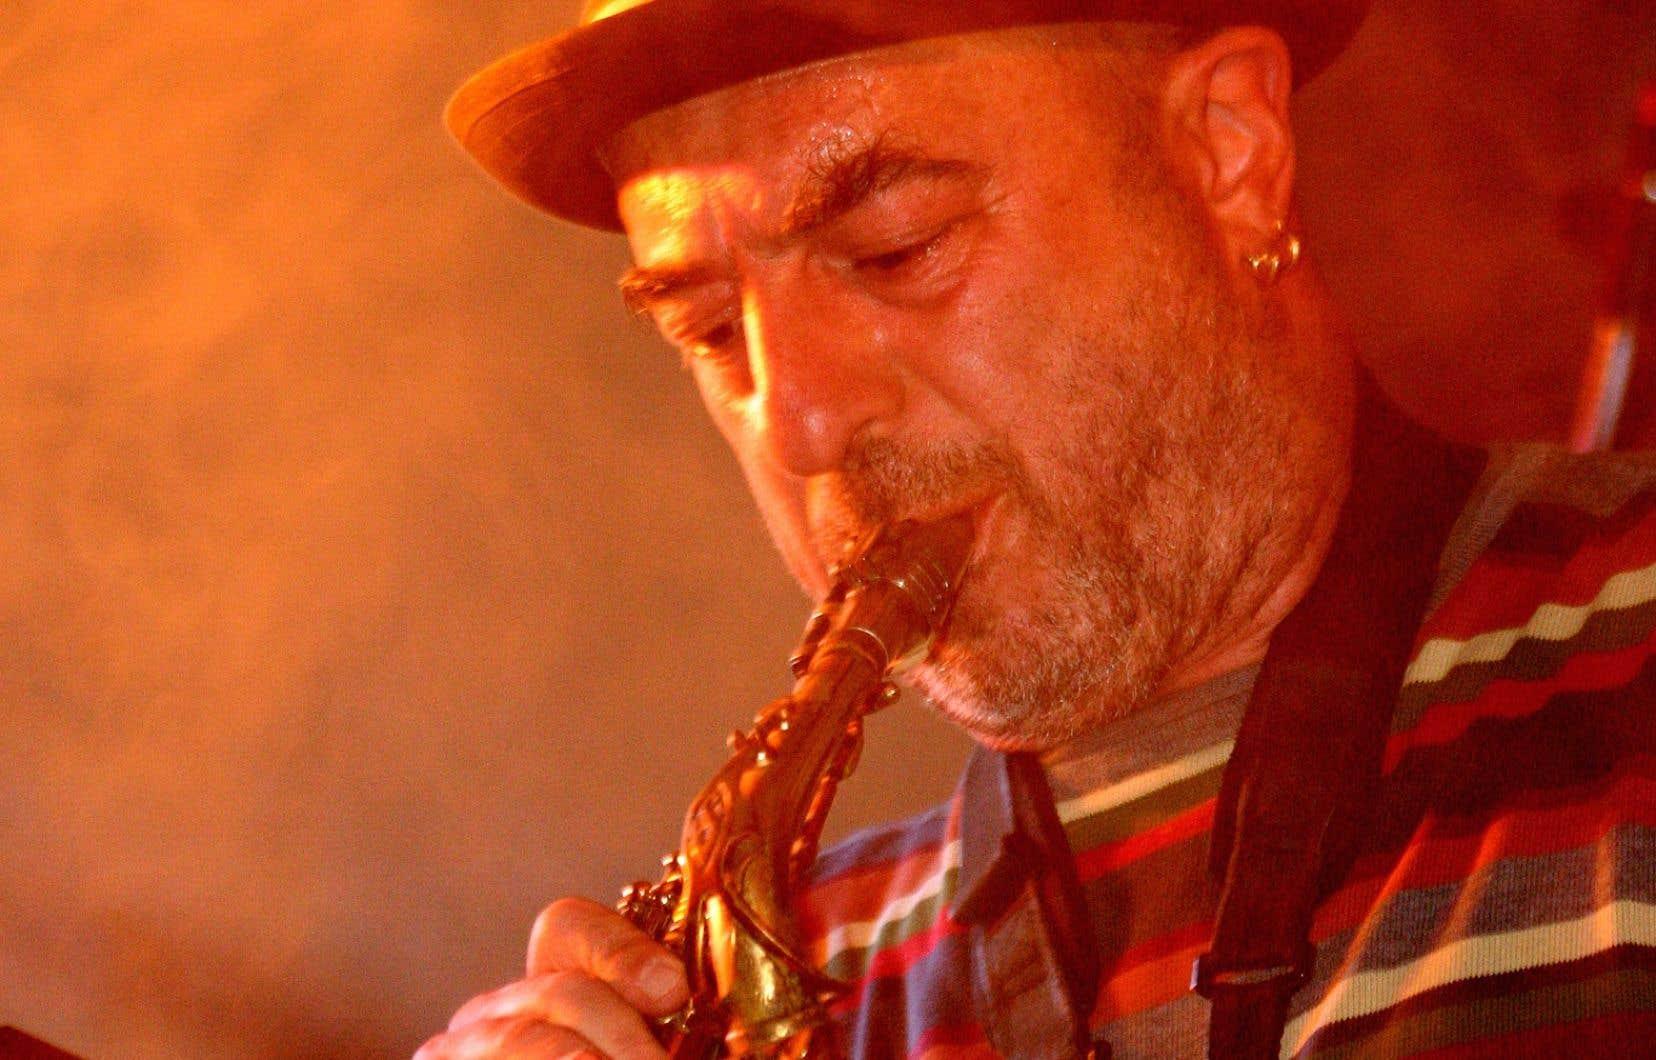 La vie du musicien a été faite de la poésie juive des ghettos d'Ukraine et de Moldavie à la verdeur fiscale de la Suisse, en passant par le culte des kibboutz en Israël et surtout de l'inclination pour l'horreur des généraux argentins.